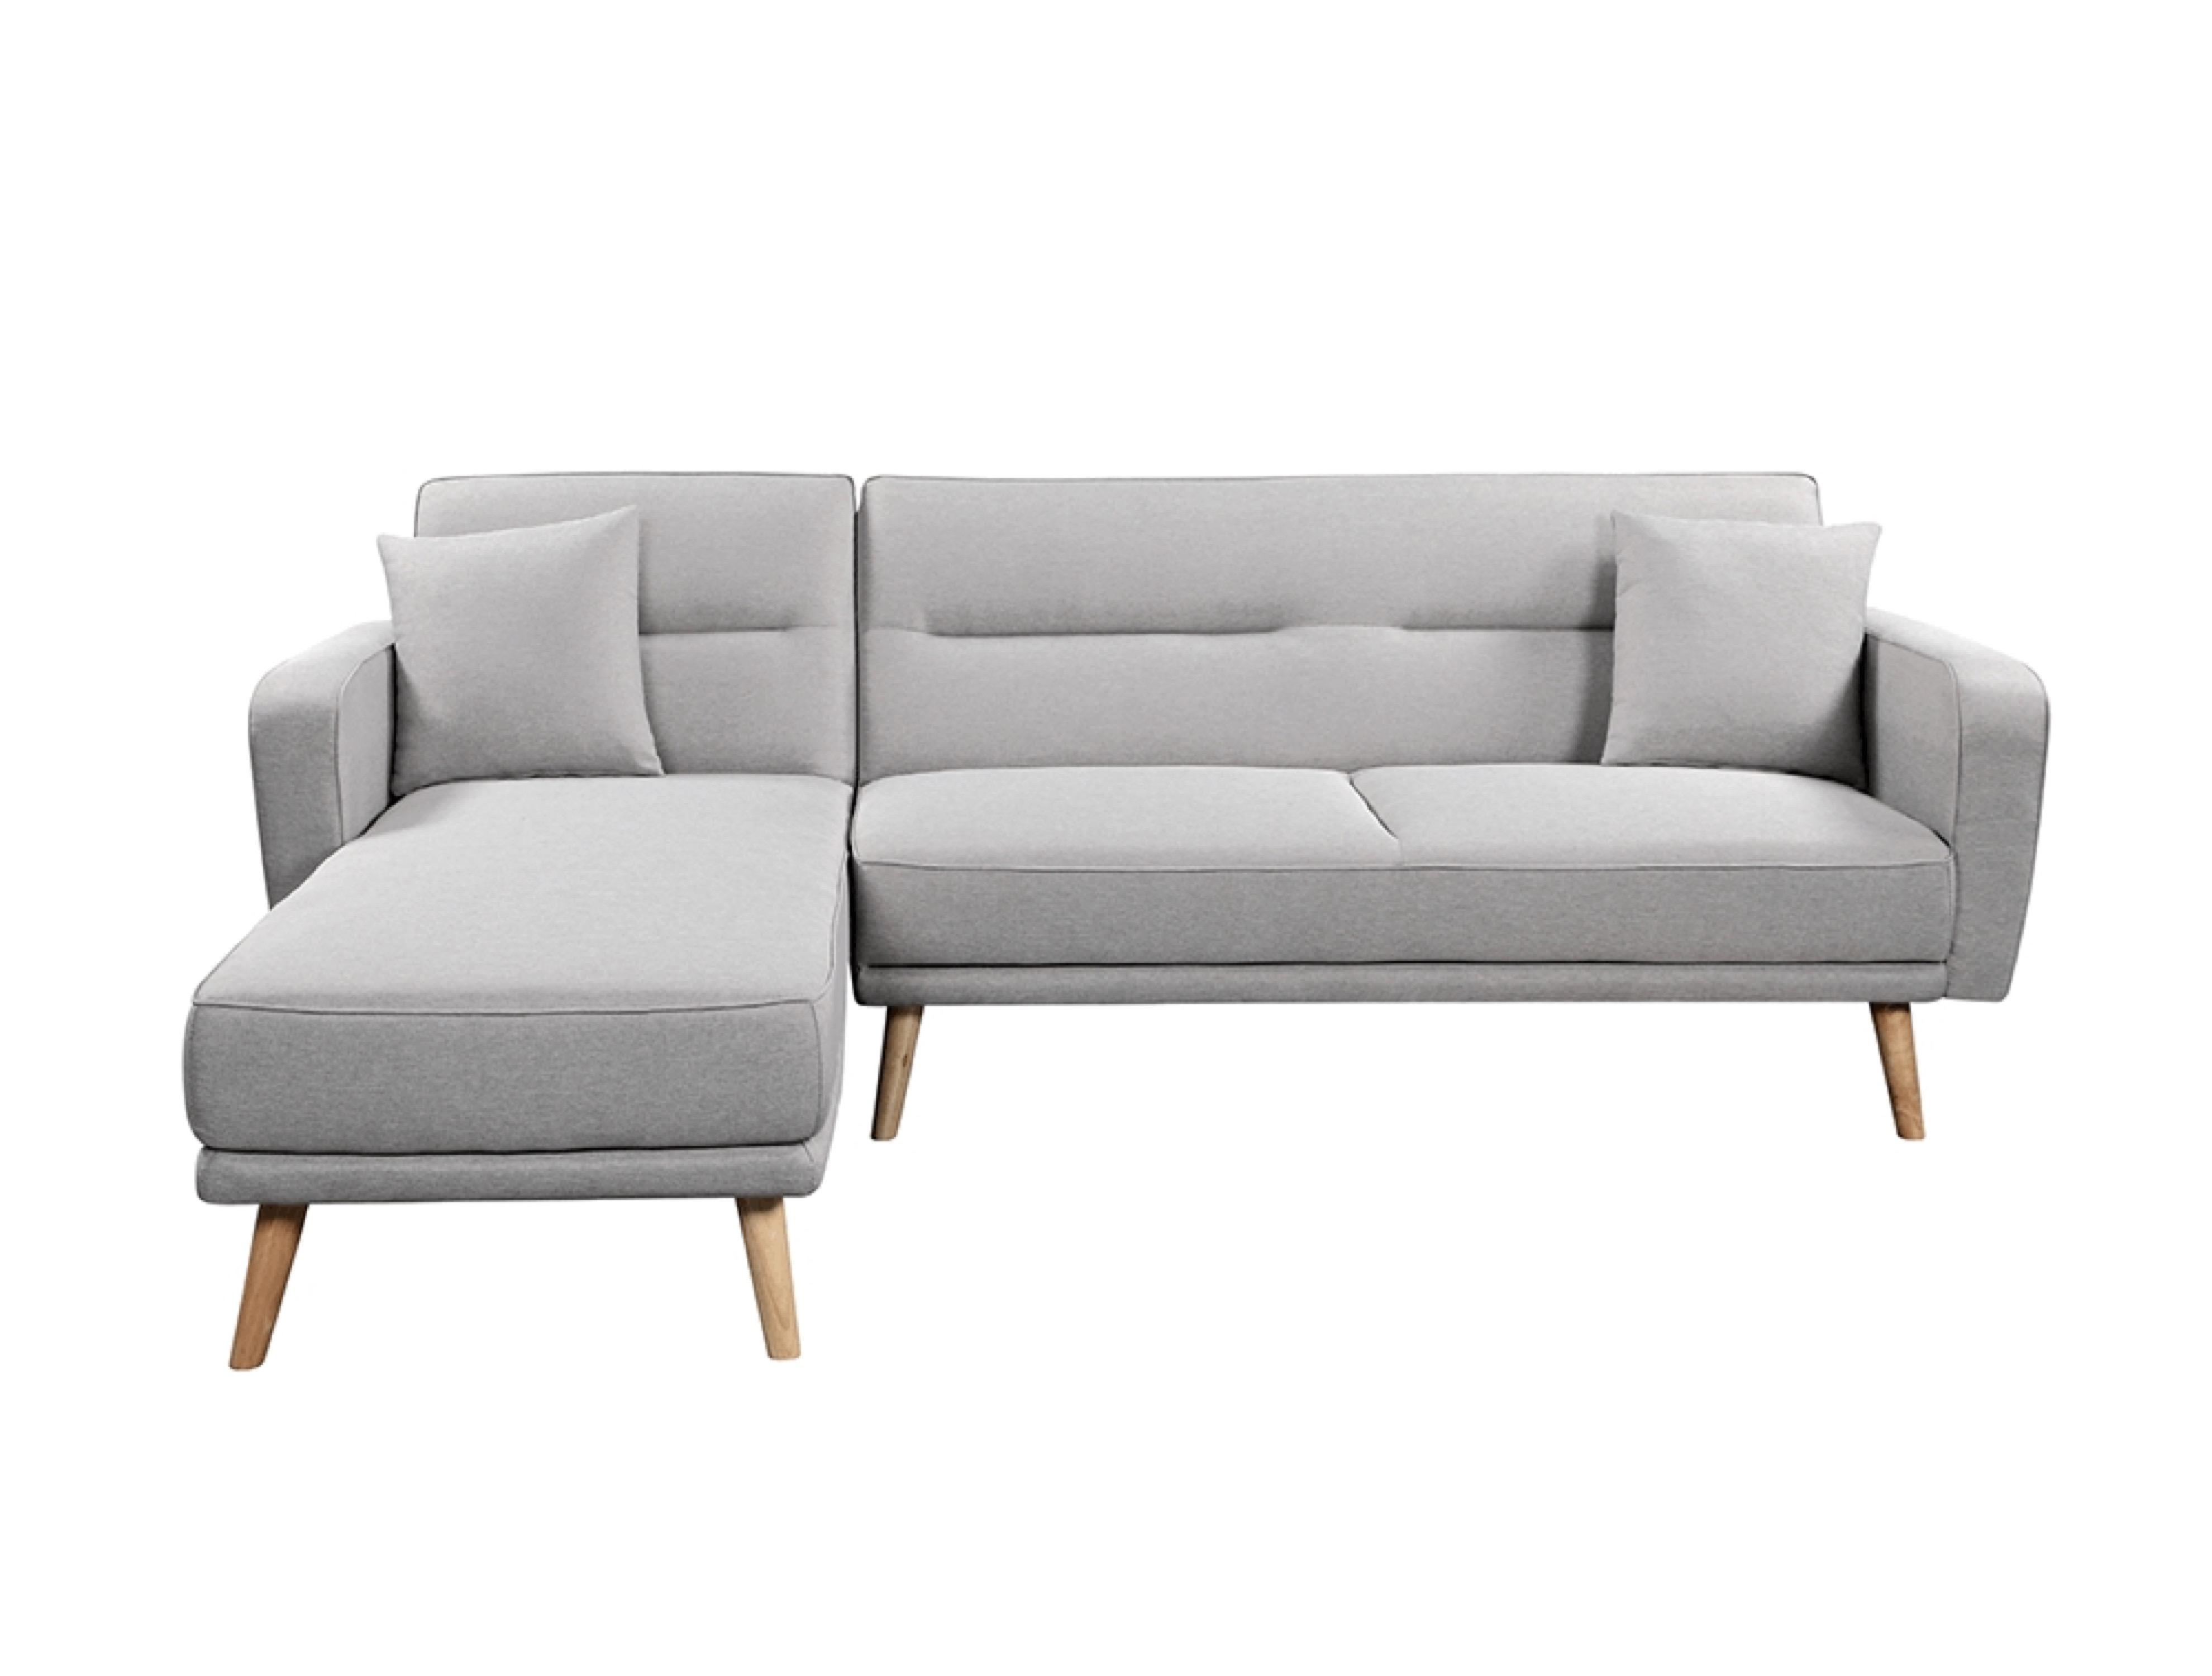 Canapé d'angle scandinave réversible convertible en tissu gris clair